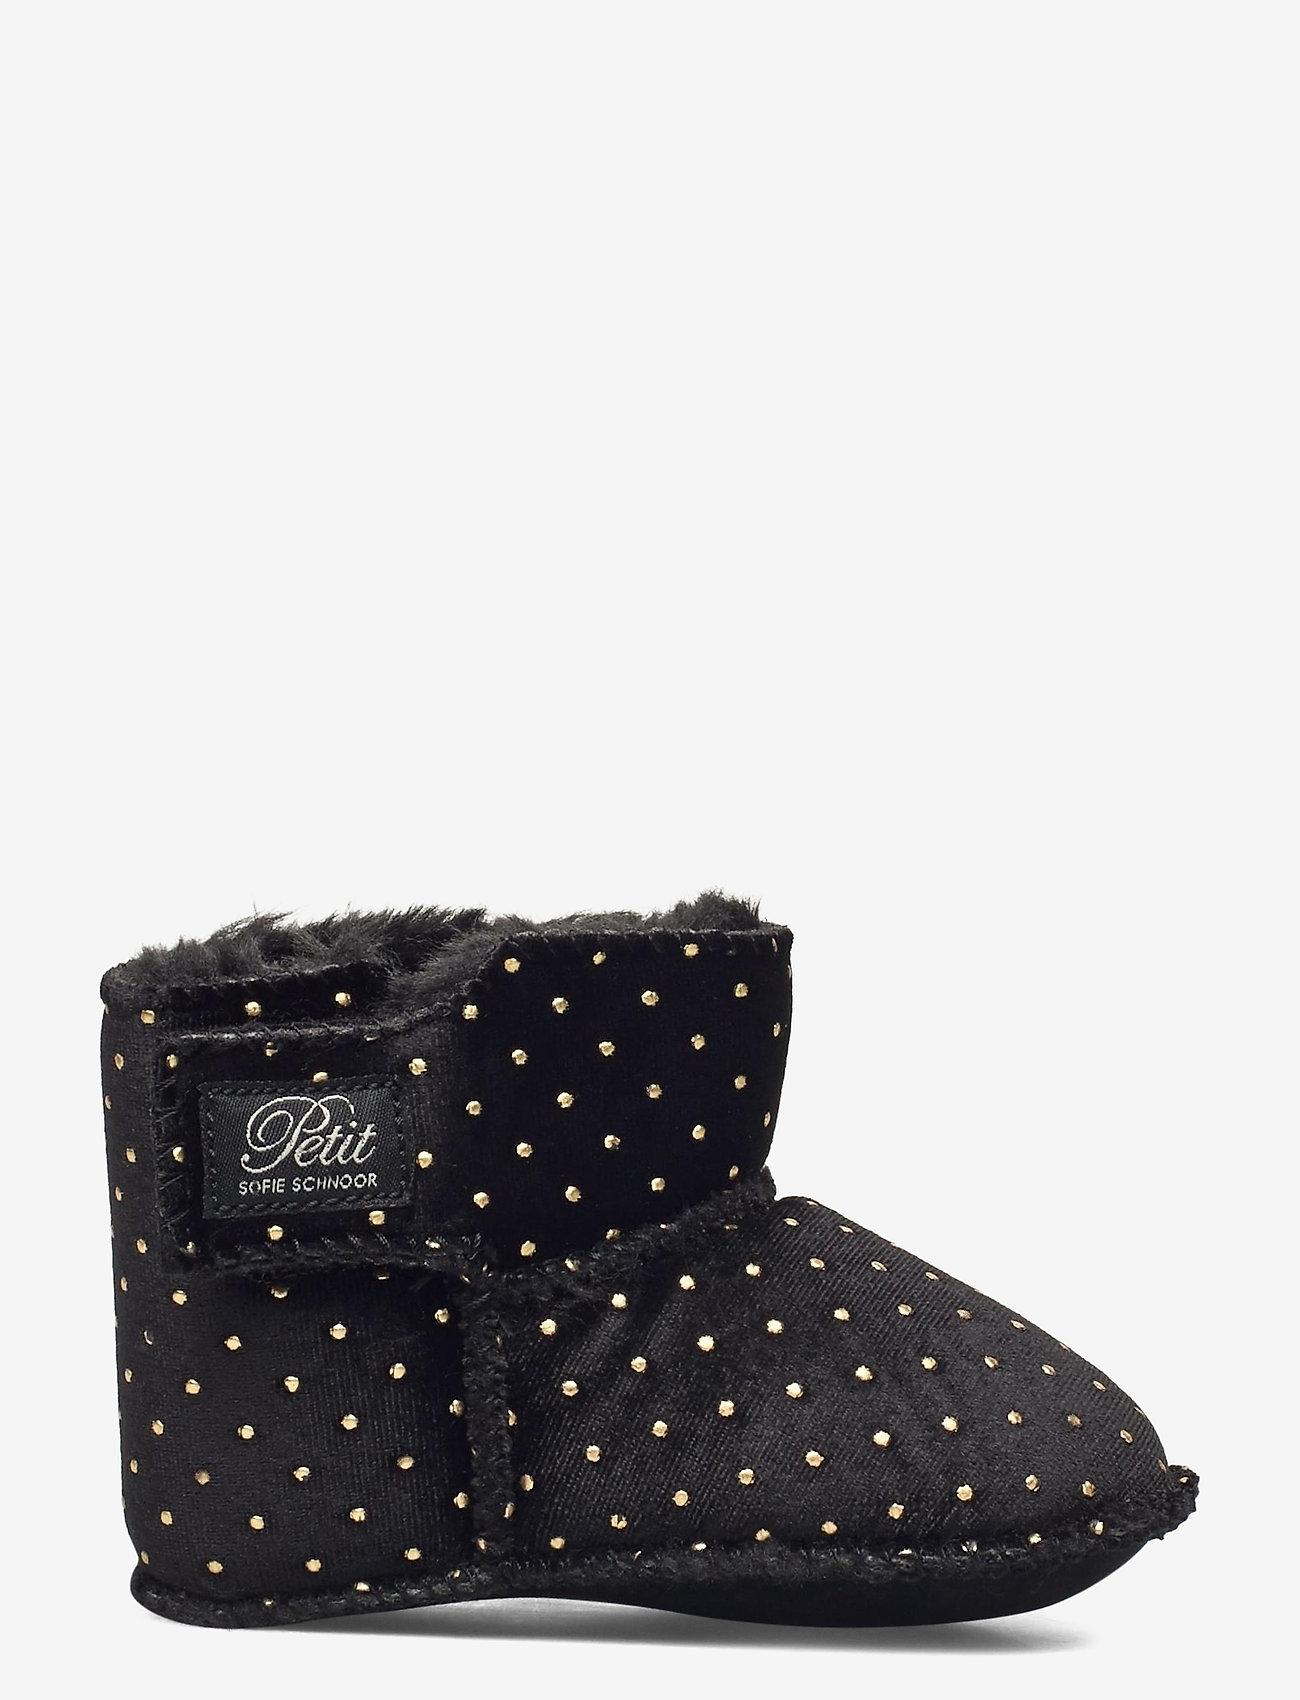 Petit by Sofie Schnoor - Indoor shoe - hausschuhe - black - 1